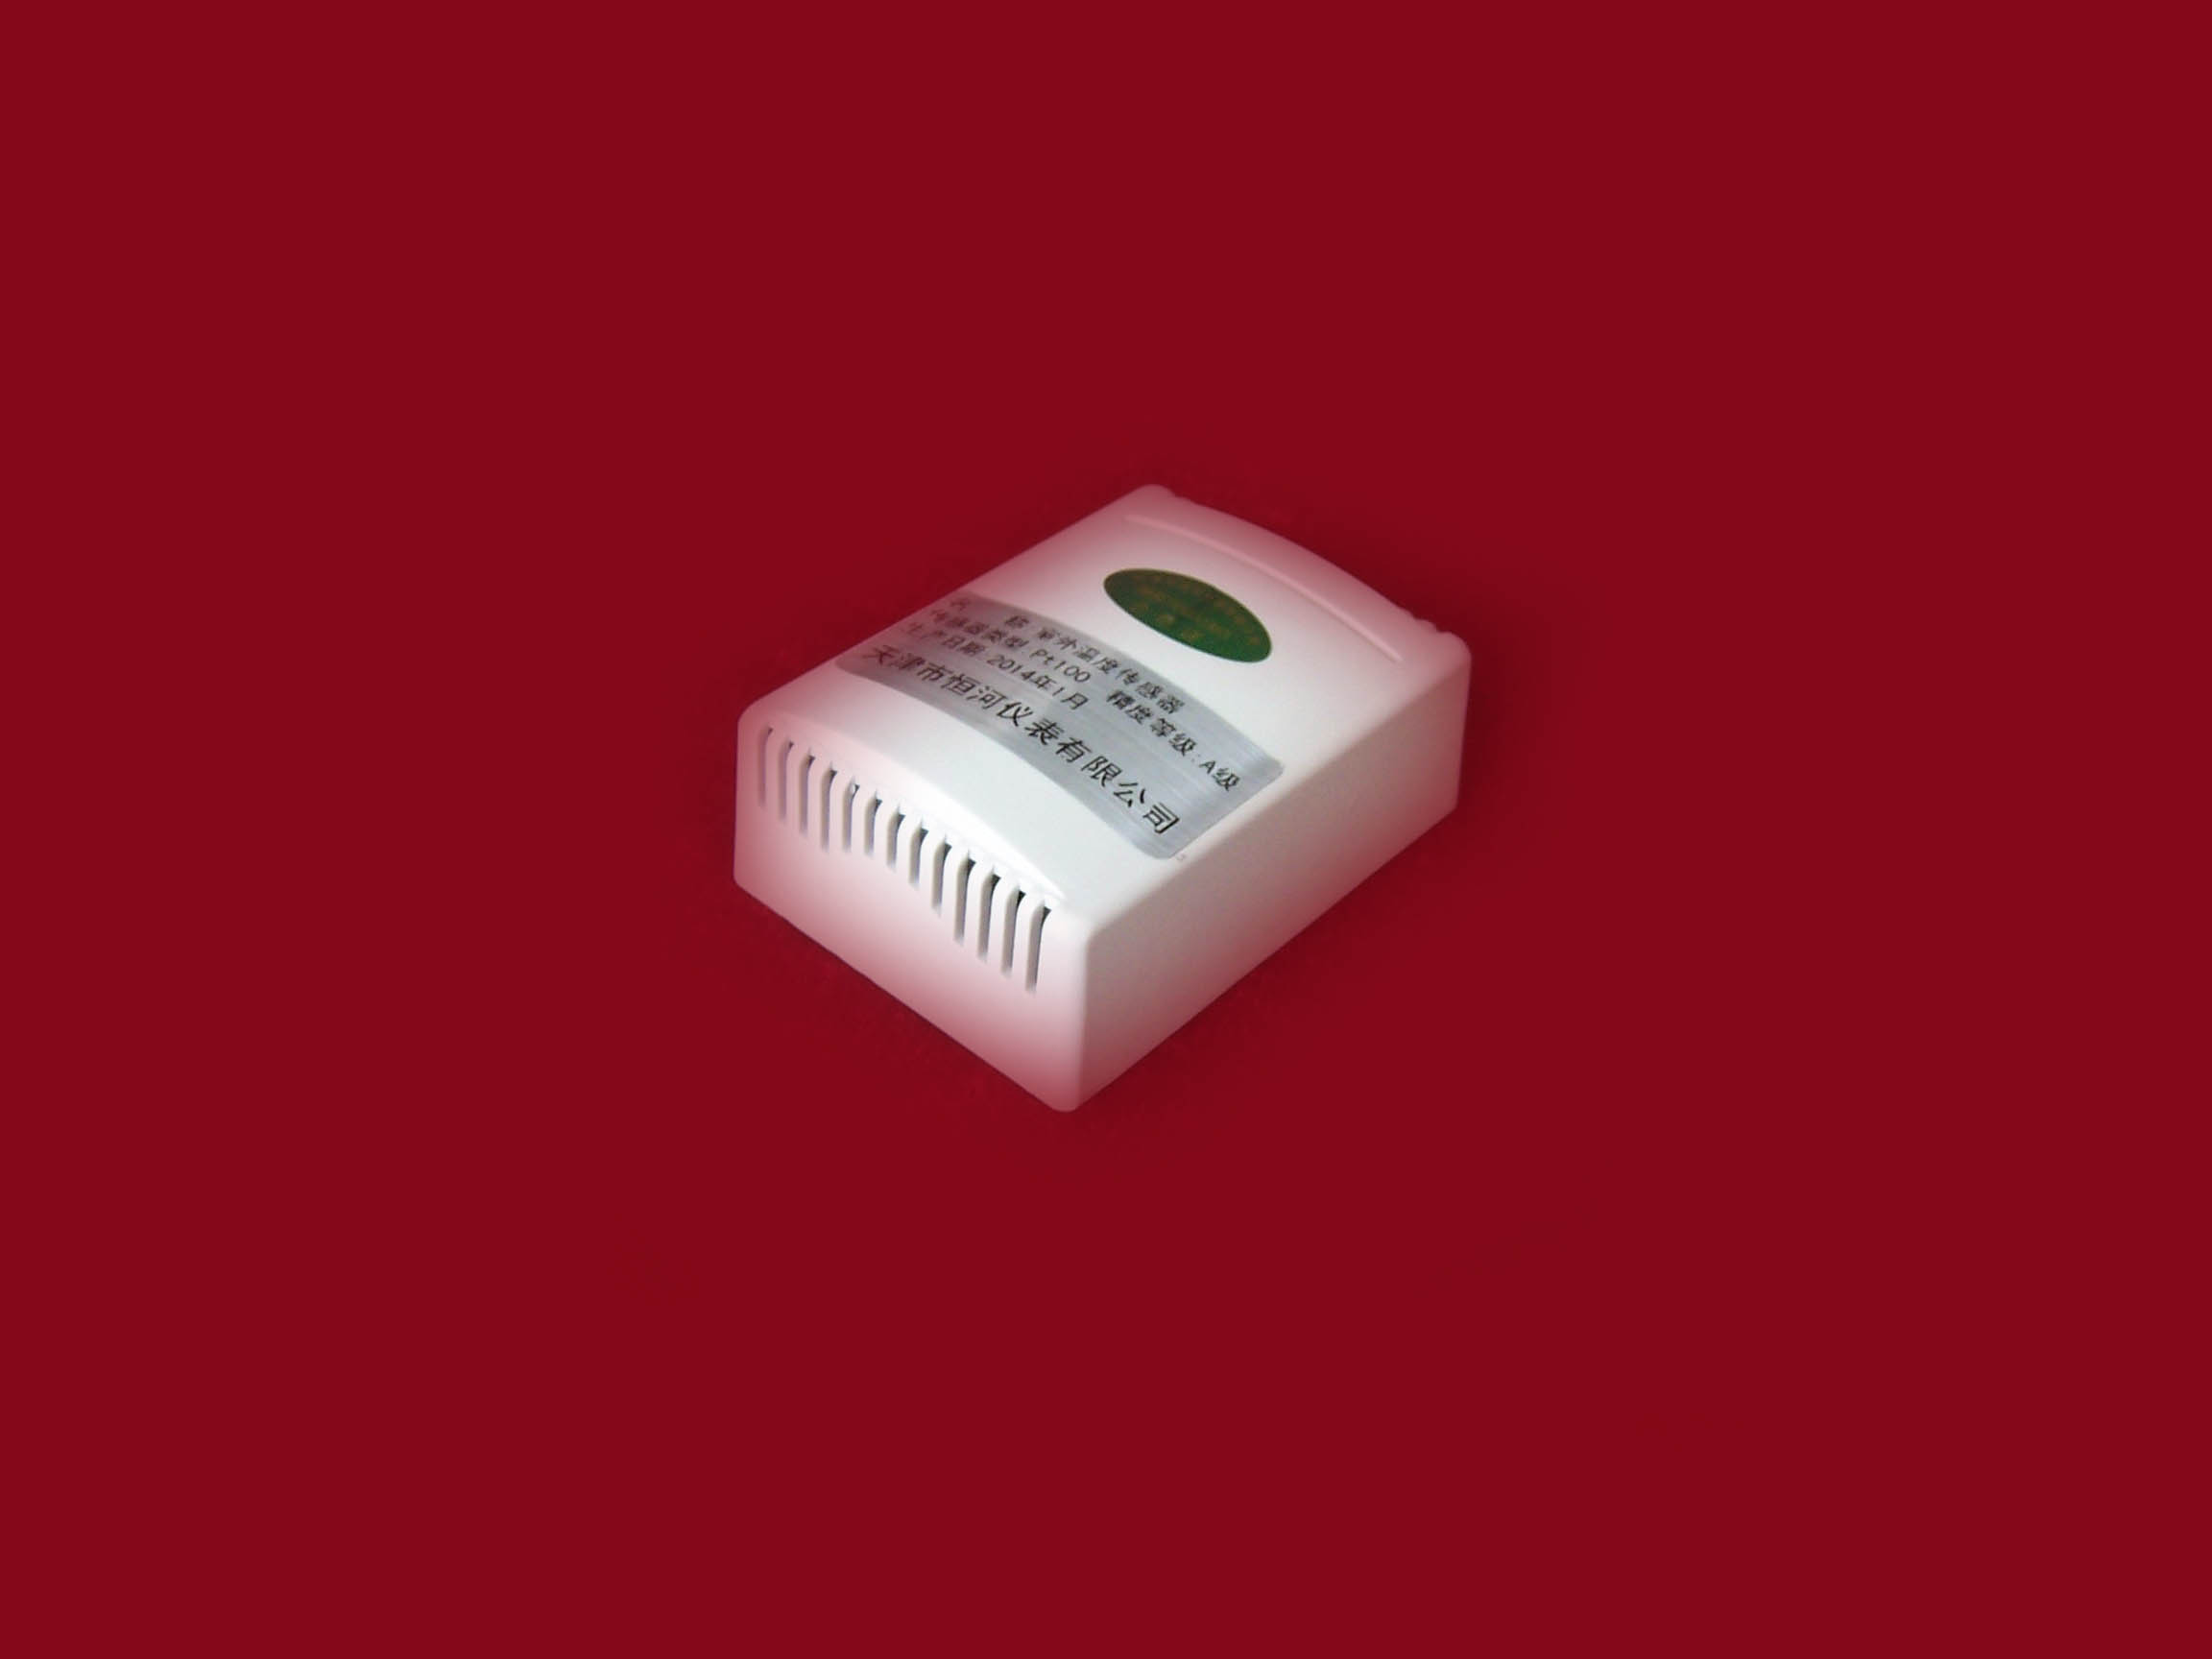 环境温度传感器|辅助仪表-天津市恒河仪表有限公司